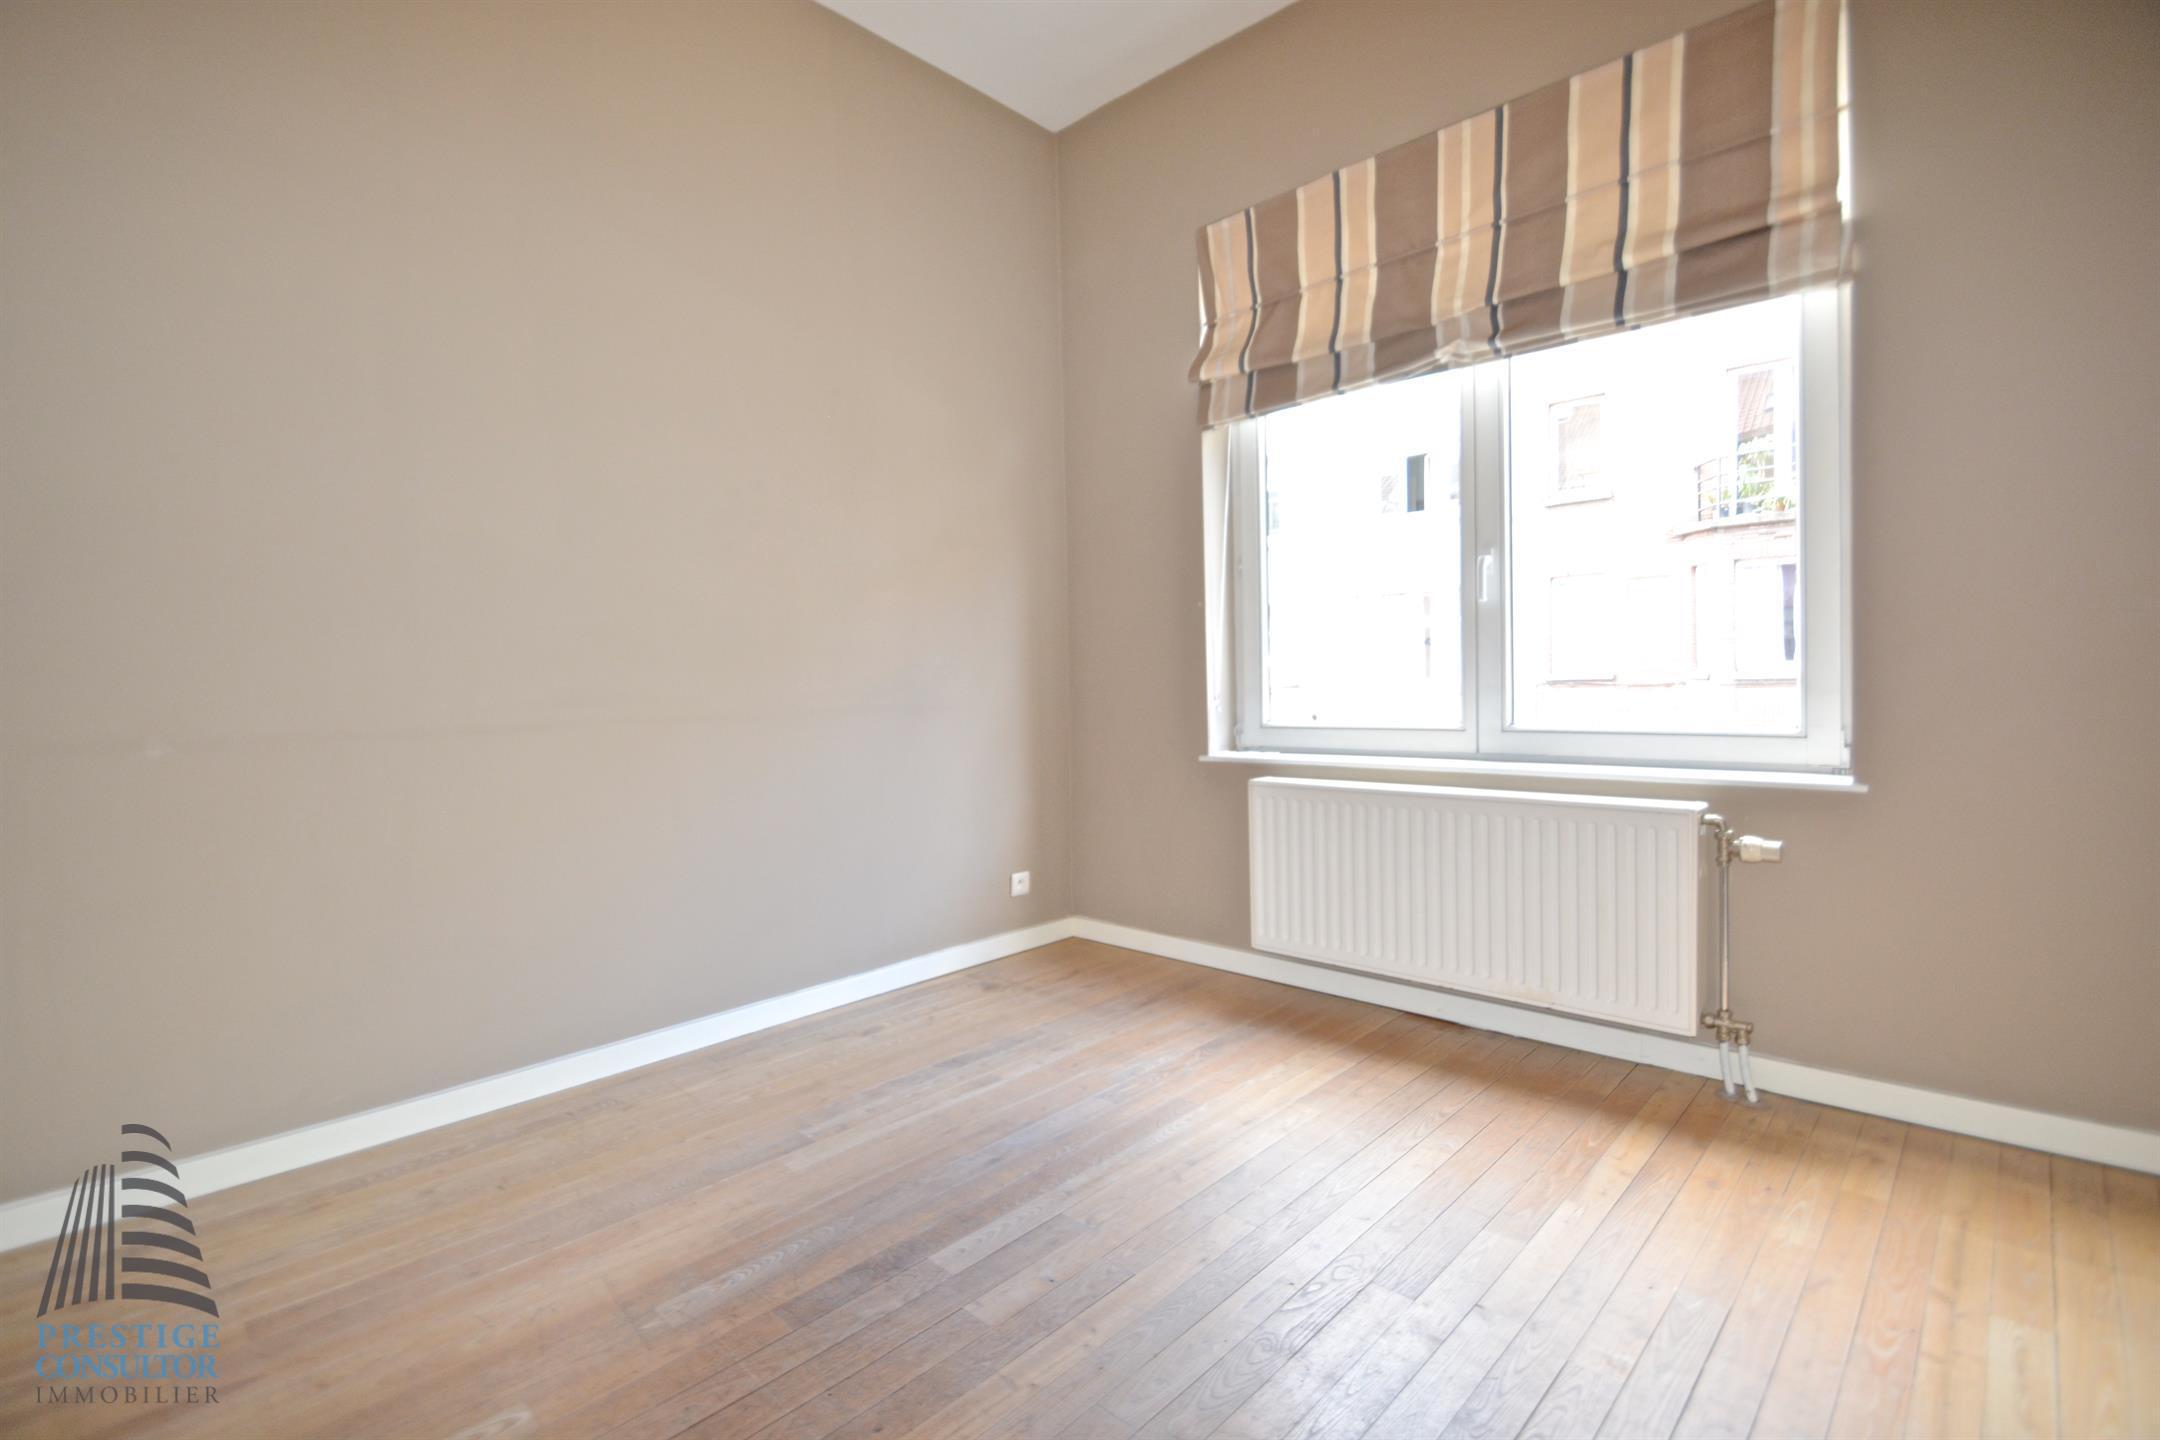 Appartement - Ixelles - #4100145-5